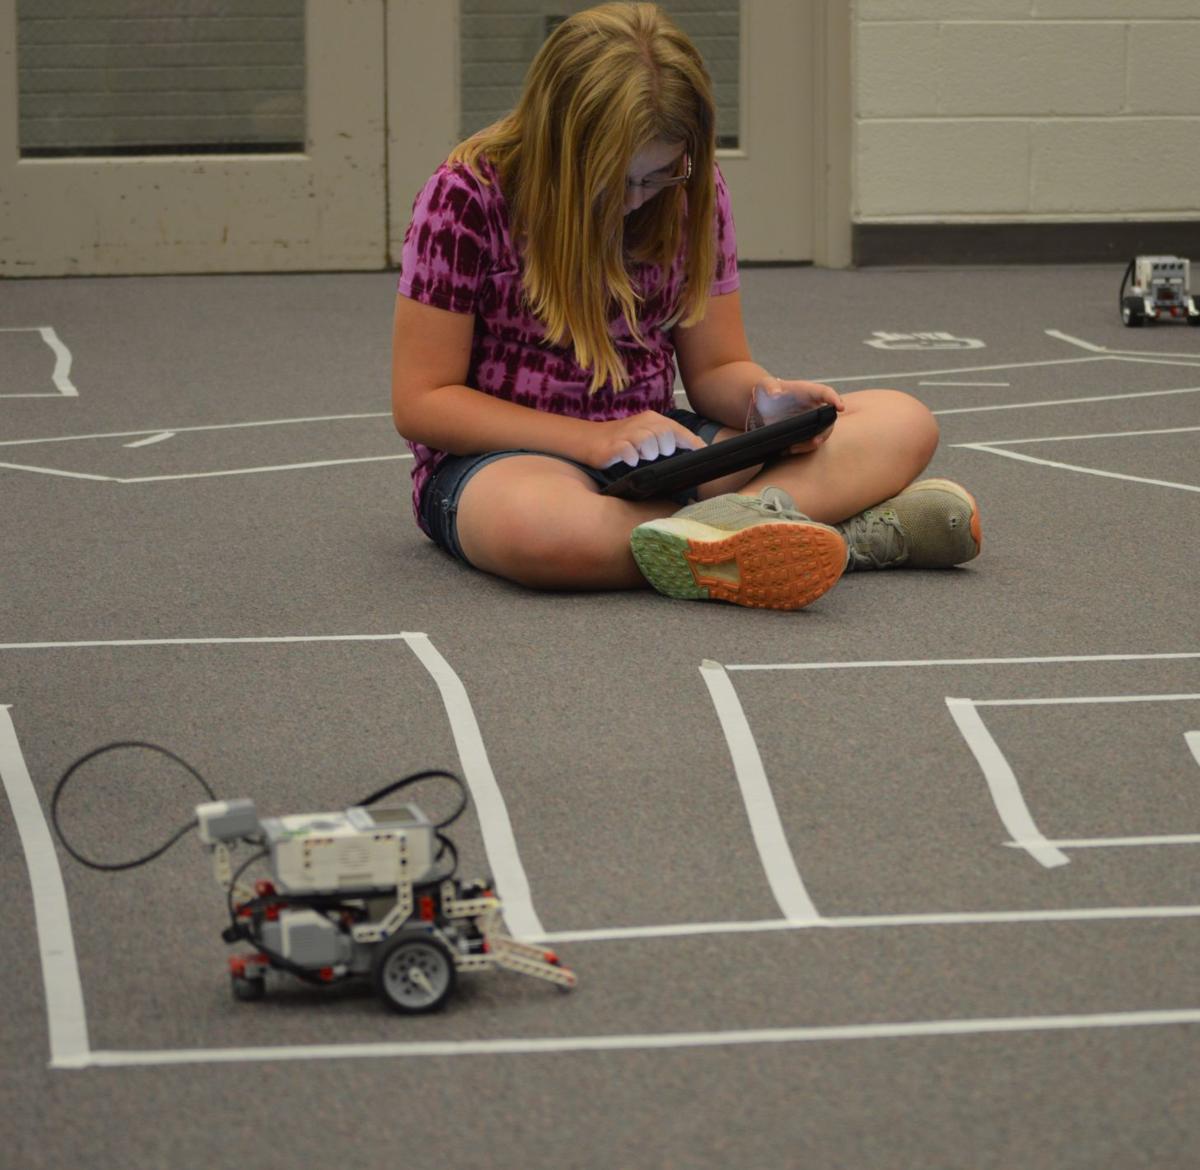 4H Robotics